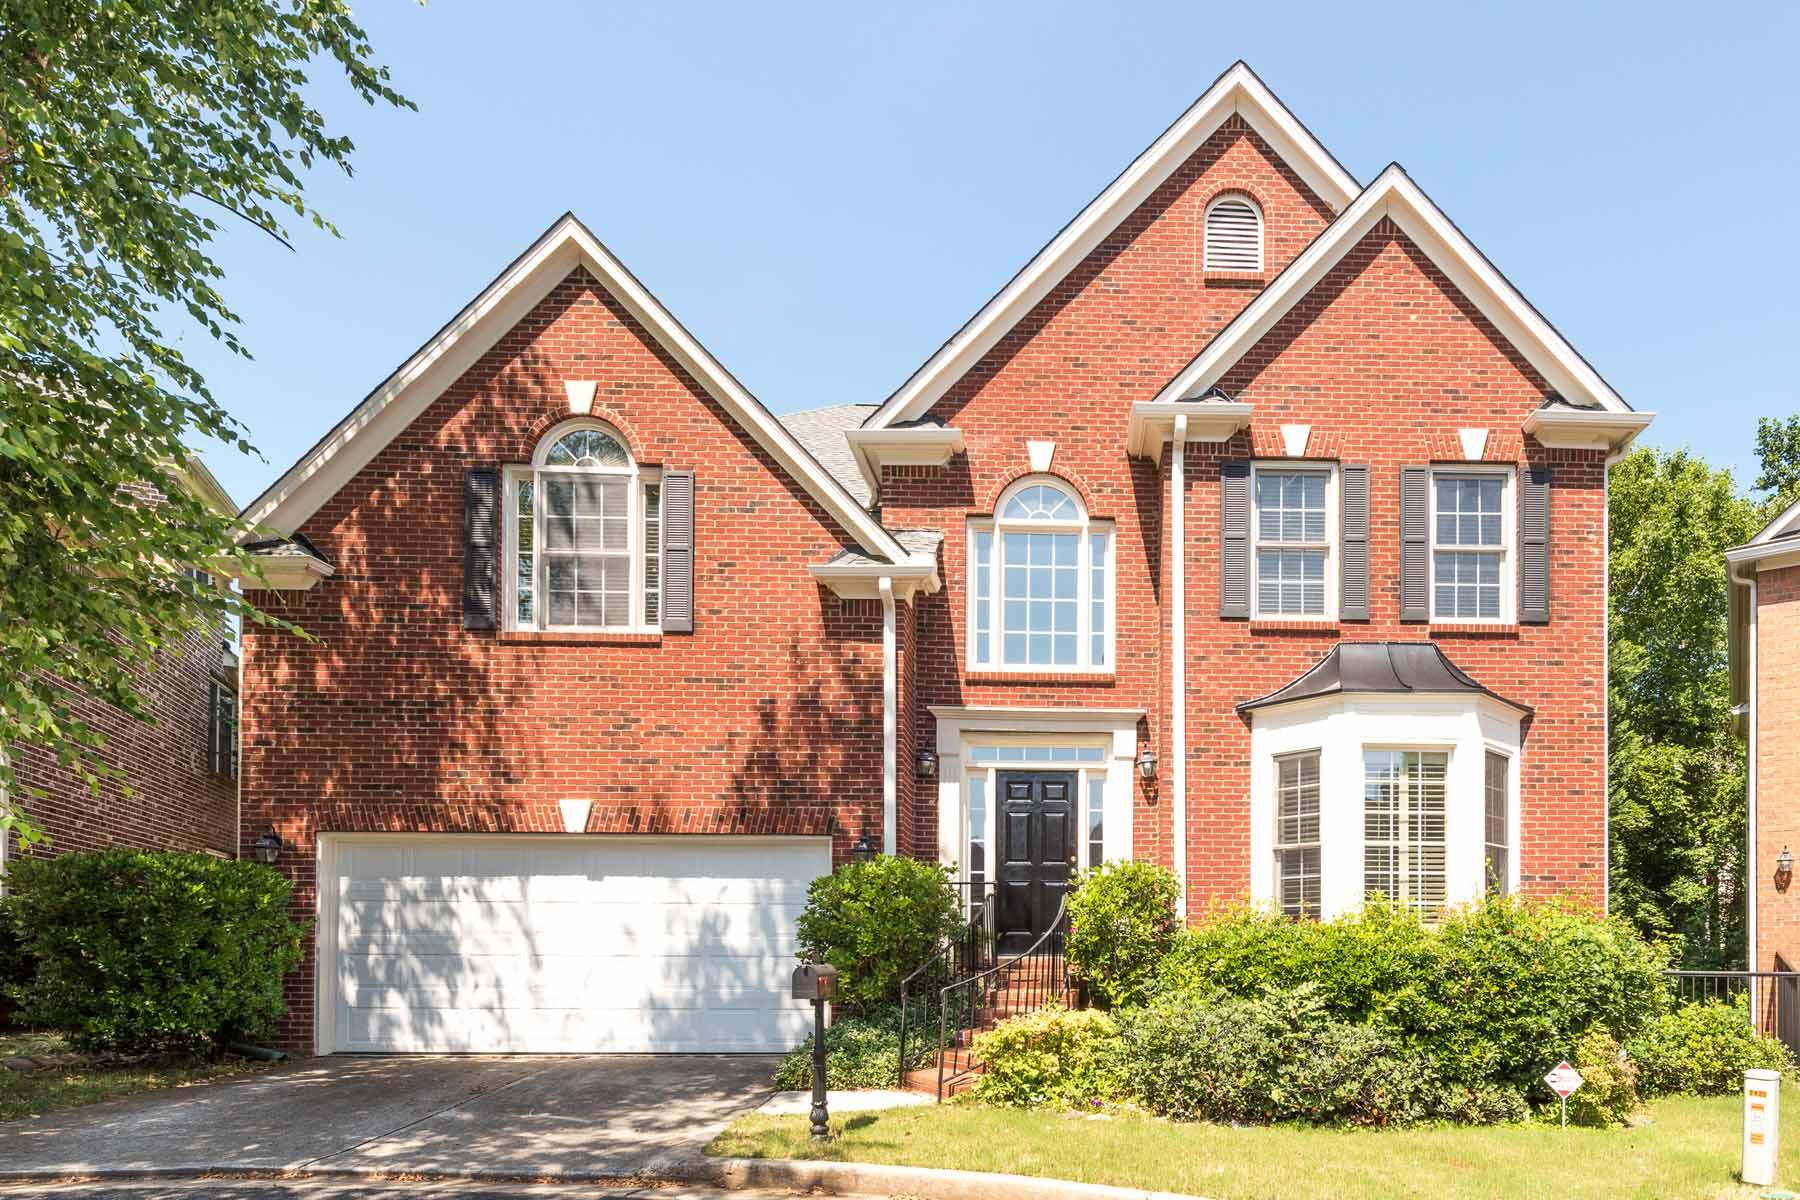 獨棟家庭住宅 為 出售 在 Best value for Northlake area: cul-de-sac, square footage, convenient to 285/85 2429 Mill Ridge Walk Atlanta, 喬治亞州, 30345 美國